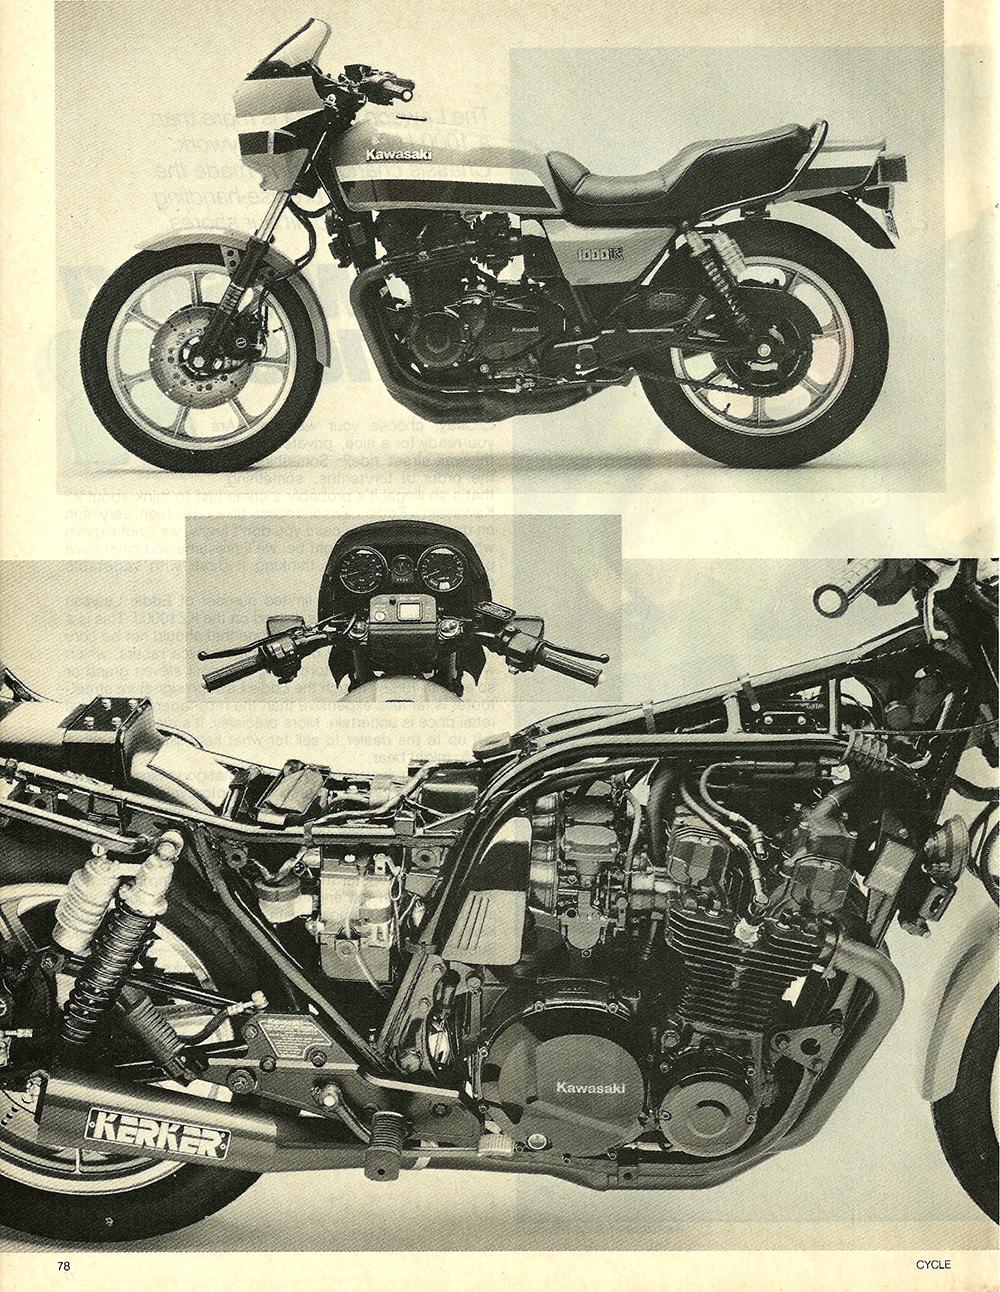 1982 Kawasaki KZ1000R road test 3.jpg